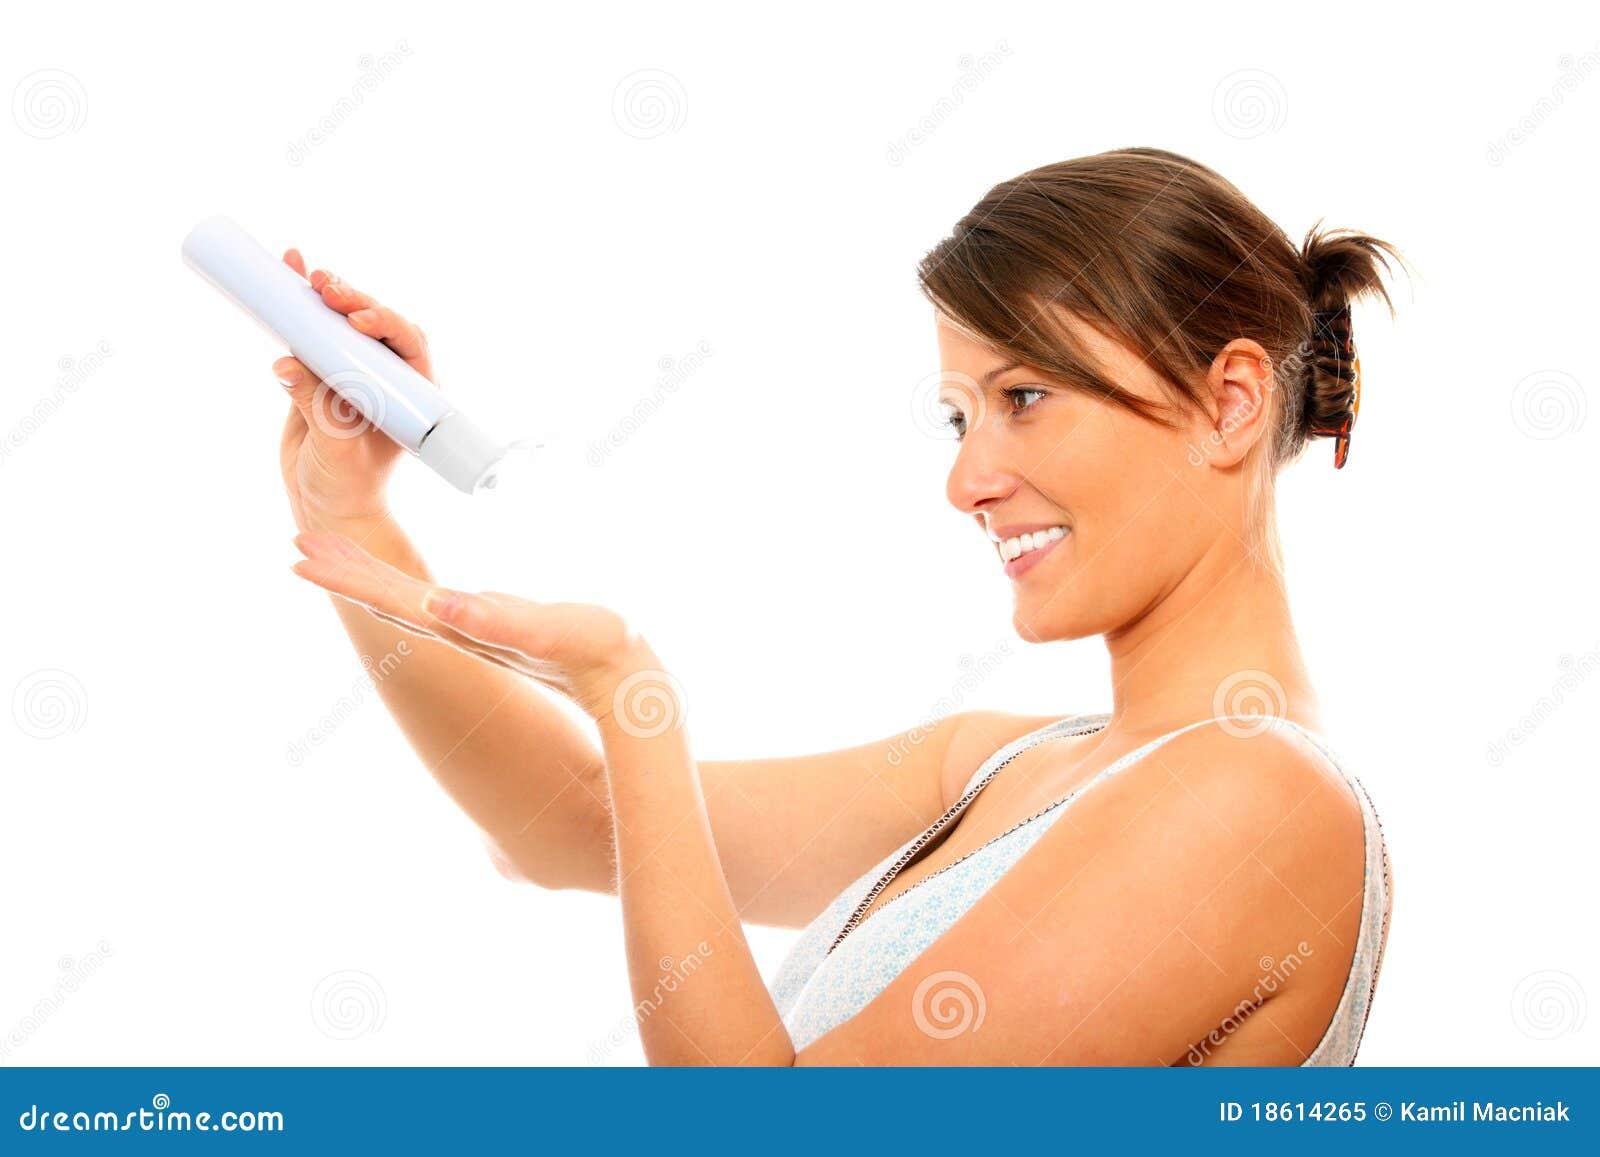 A woman using an automatic fucking machine 9